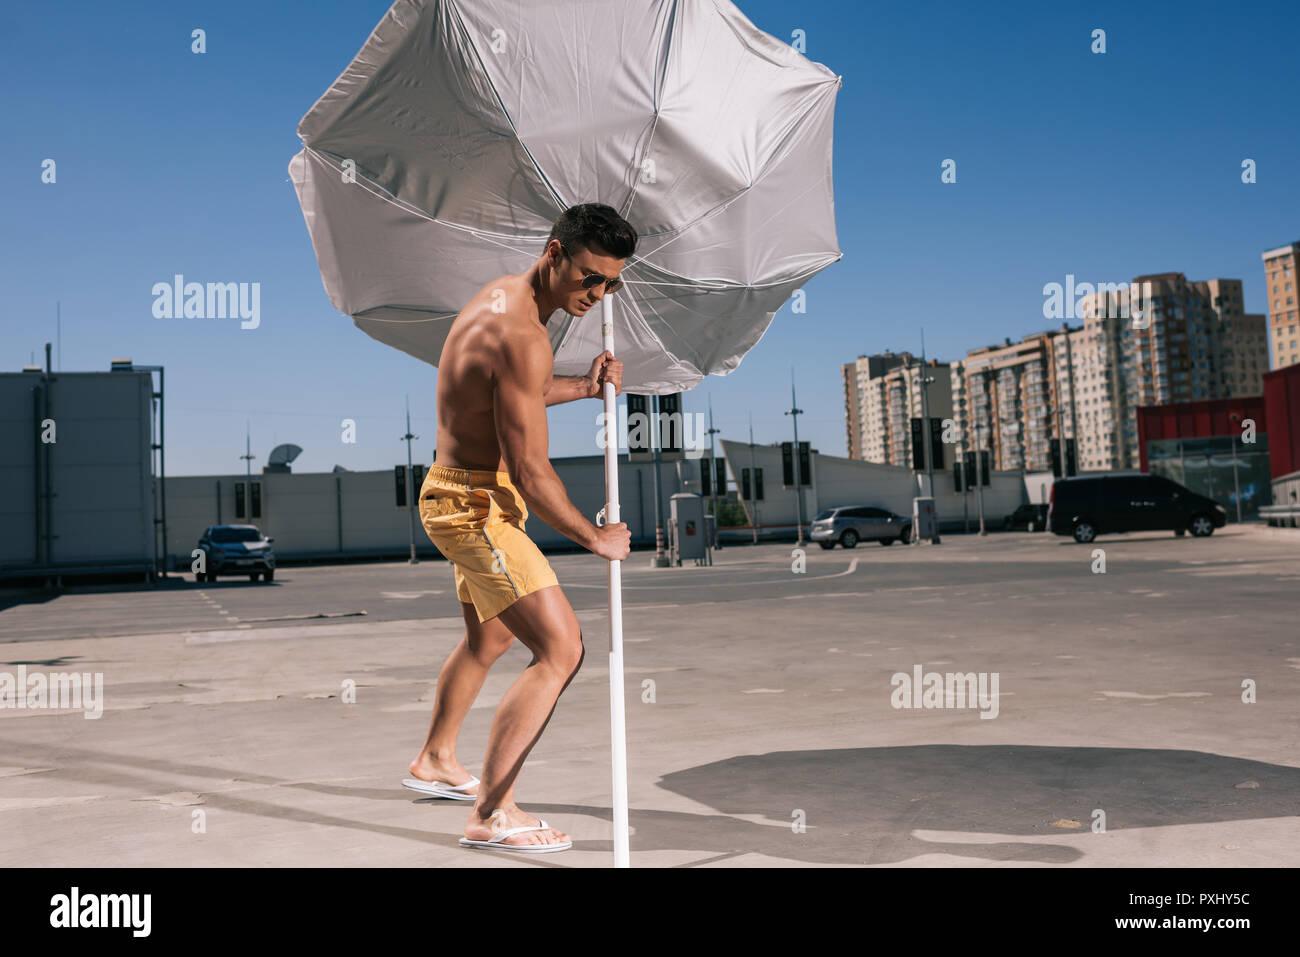 Il maschile giovane uomo shirtless mettendo ombrellone in asfalto su parcheggio Immagini Stock